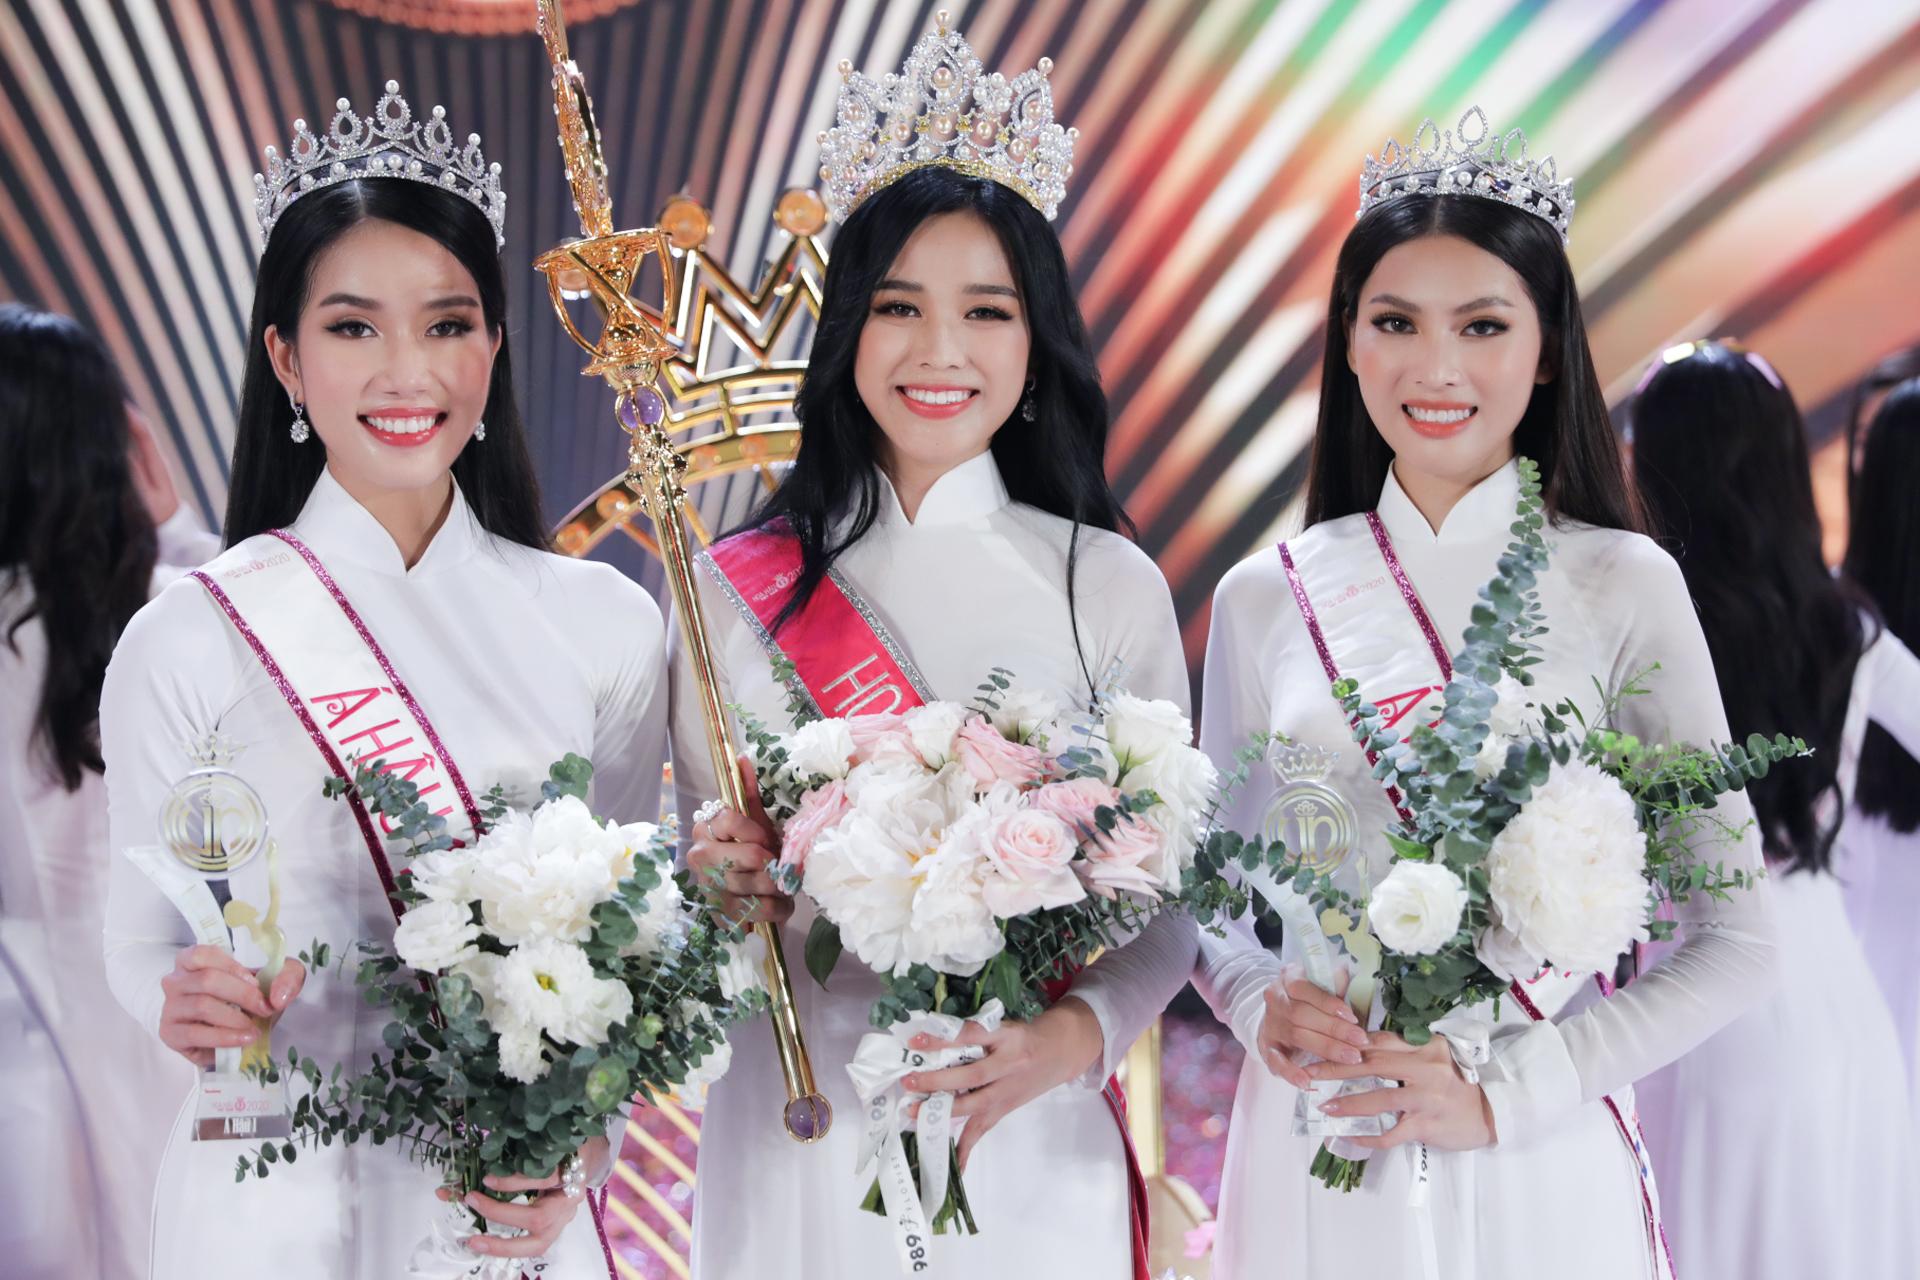 Bất ngờ chuyện Đỗ Thị Hà tự dự đoán mình đăng quang Hoa hậu 1 năm trước 2